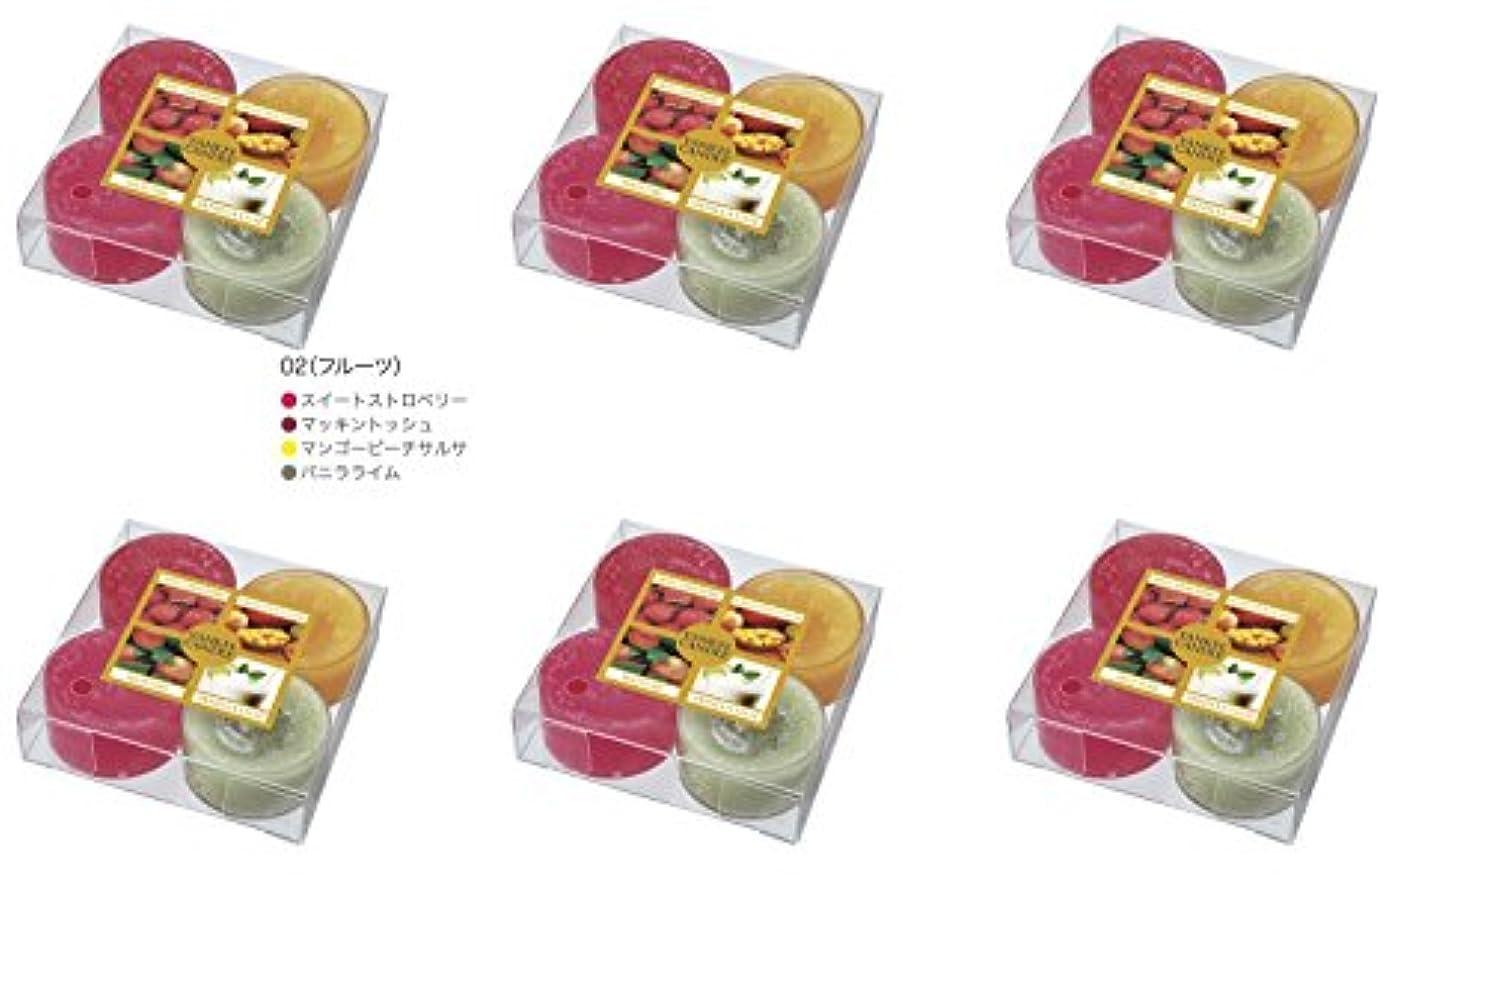 知覚的治世先祖YANKEE CANDLE(ヤンキーキャンドル) ティーライトアソート フルーツ【6点セット】